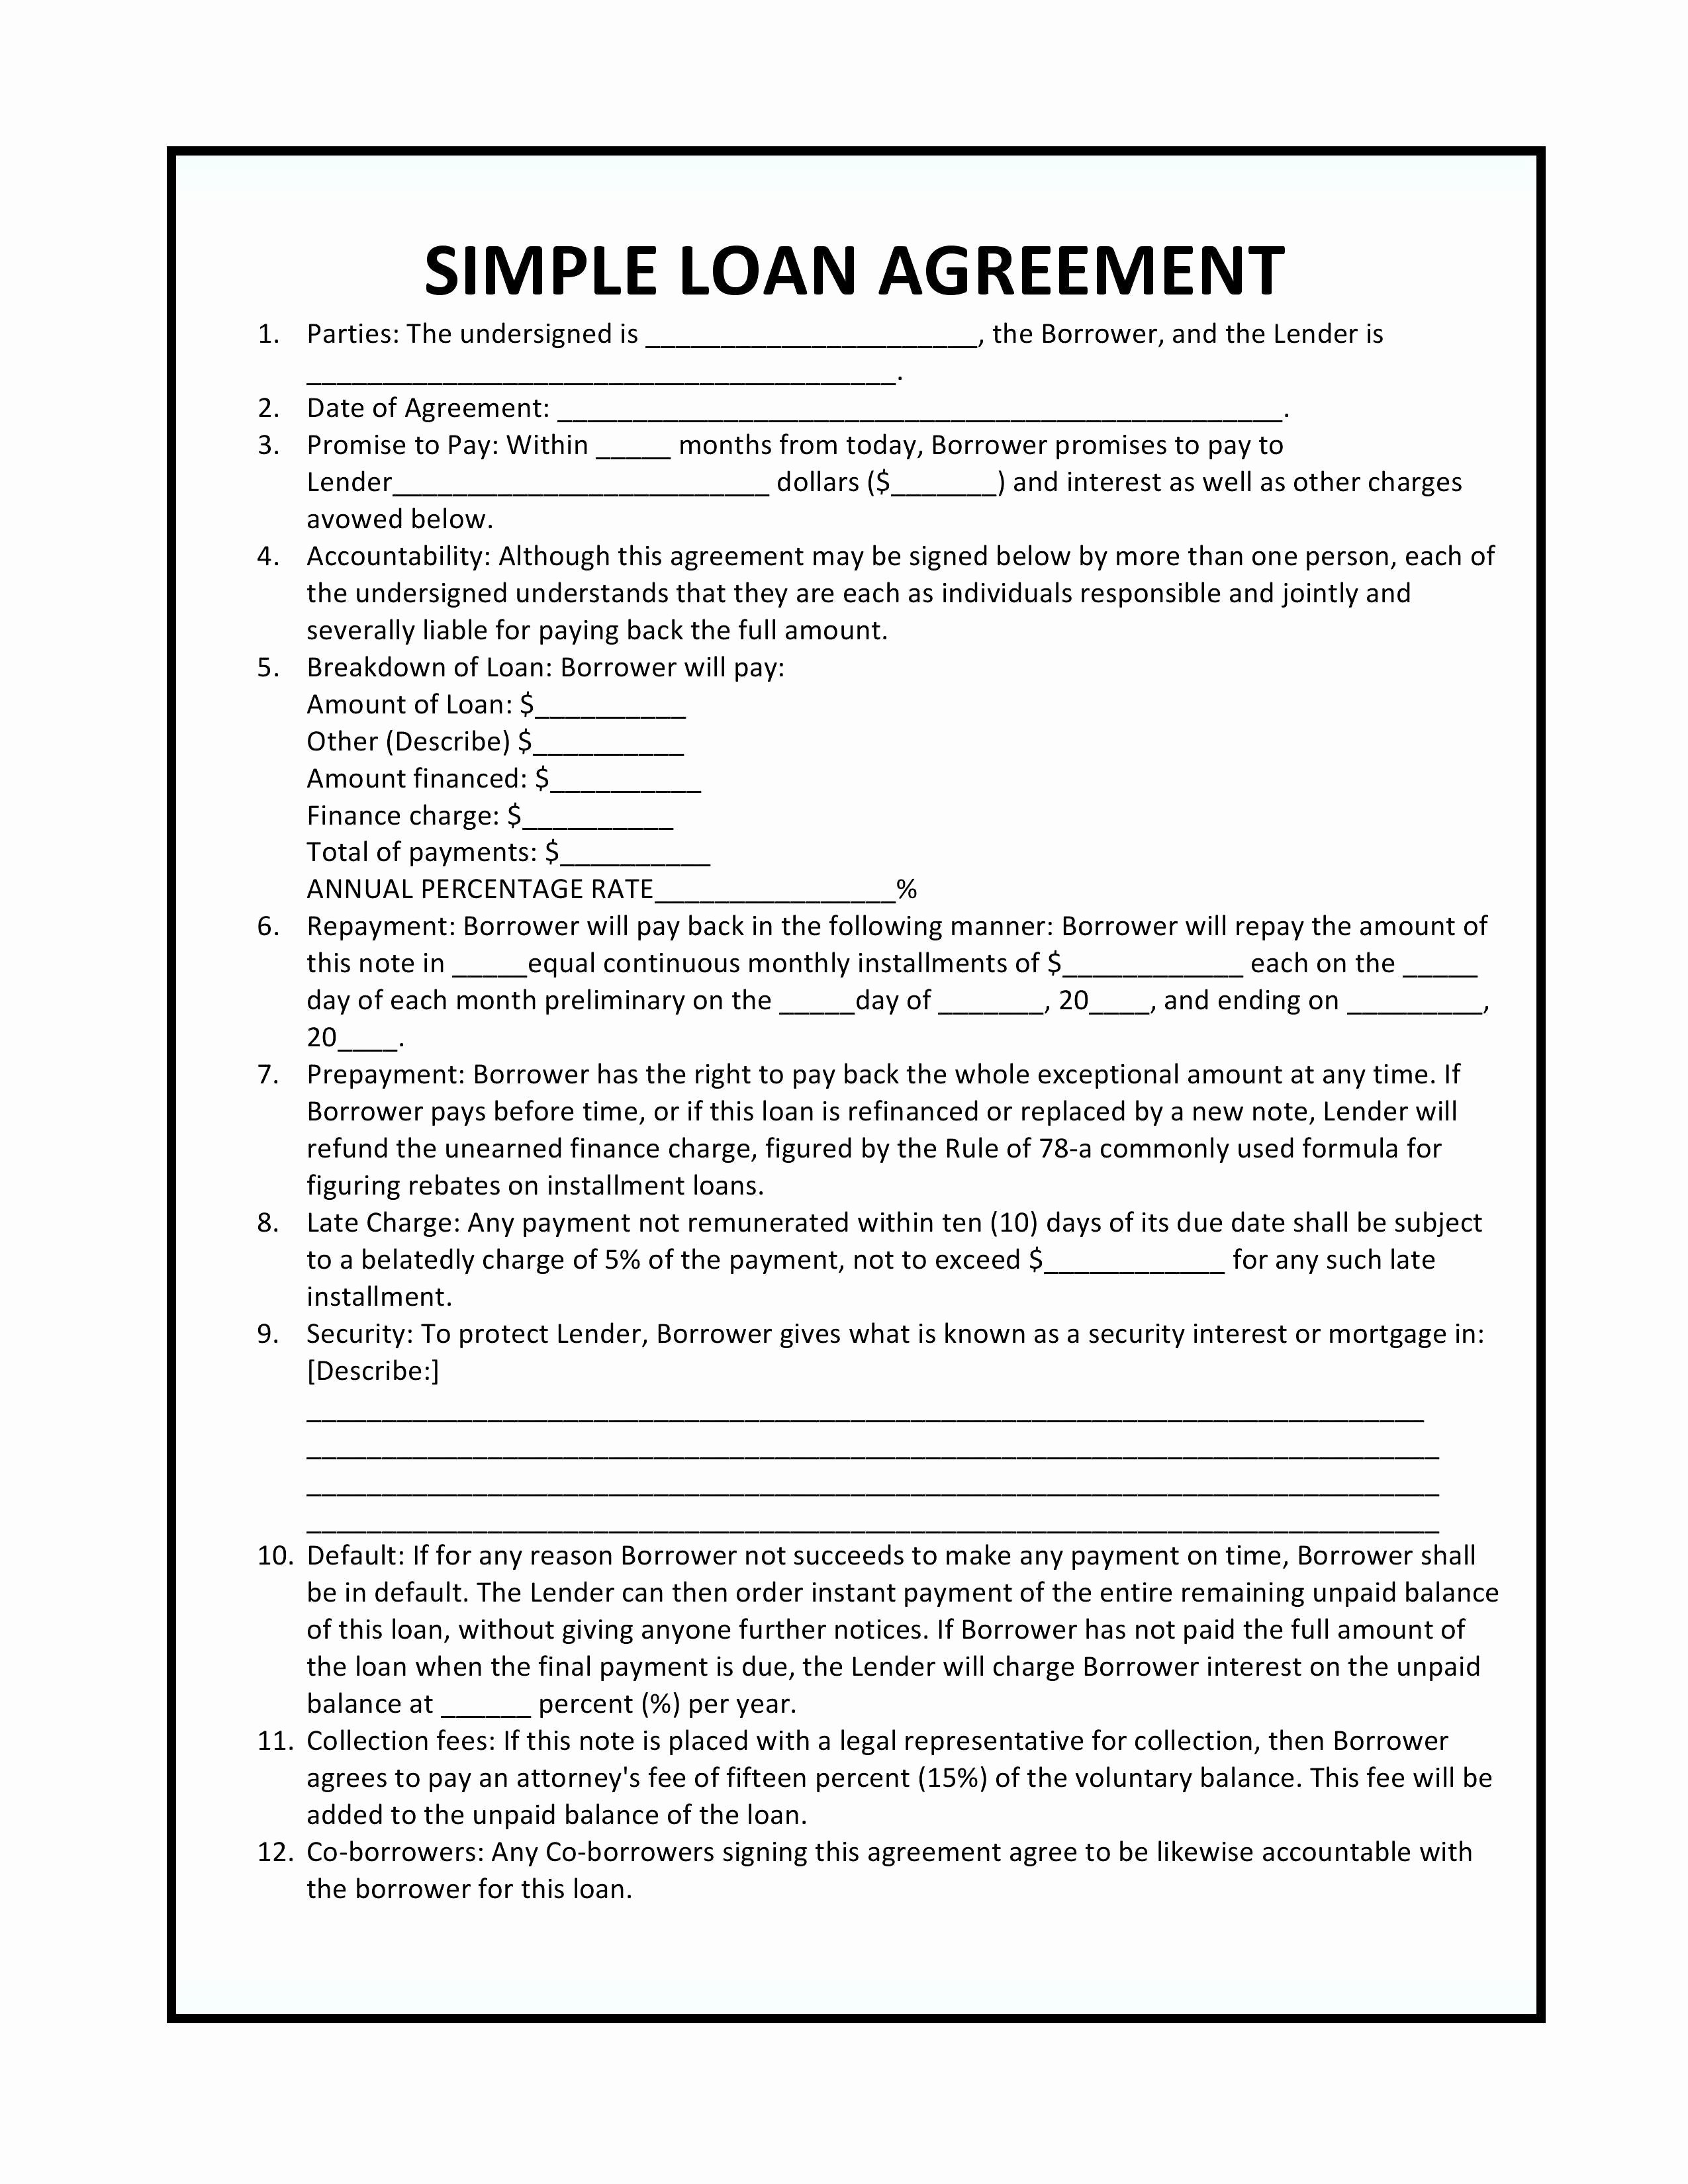 Profit Sharing Agreement Template Unique D Well Agreement form original Simple Profit Sharing